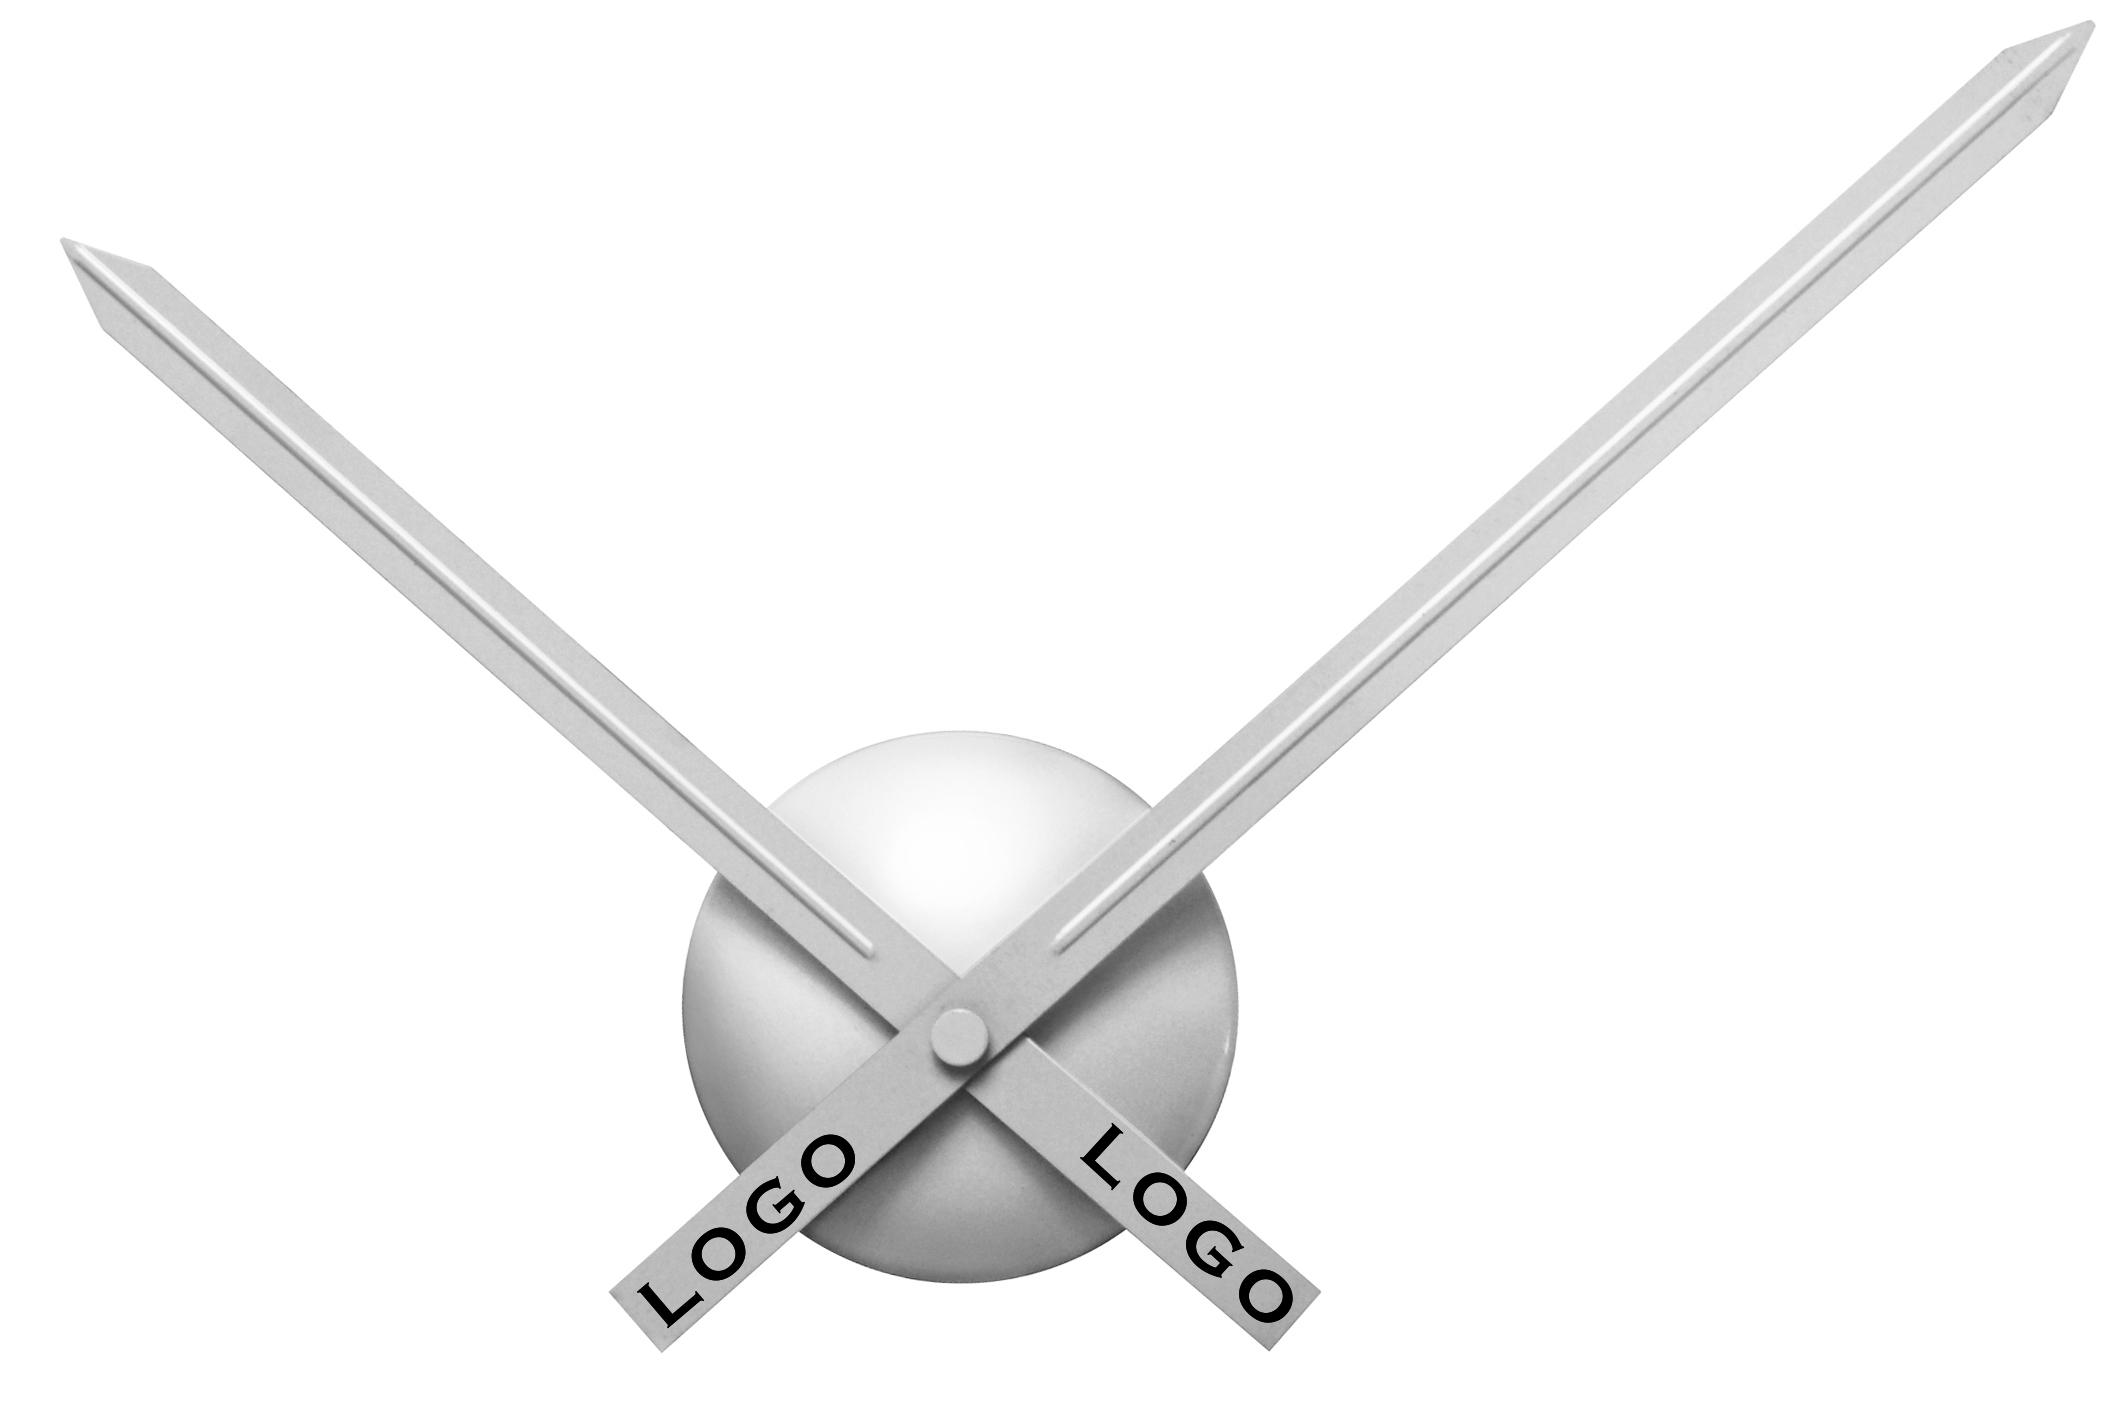 orologi-da-parete-promozionale-personalizzati-1